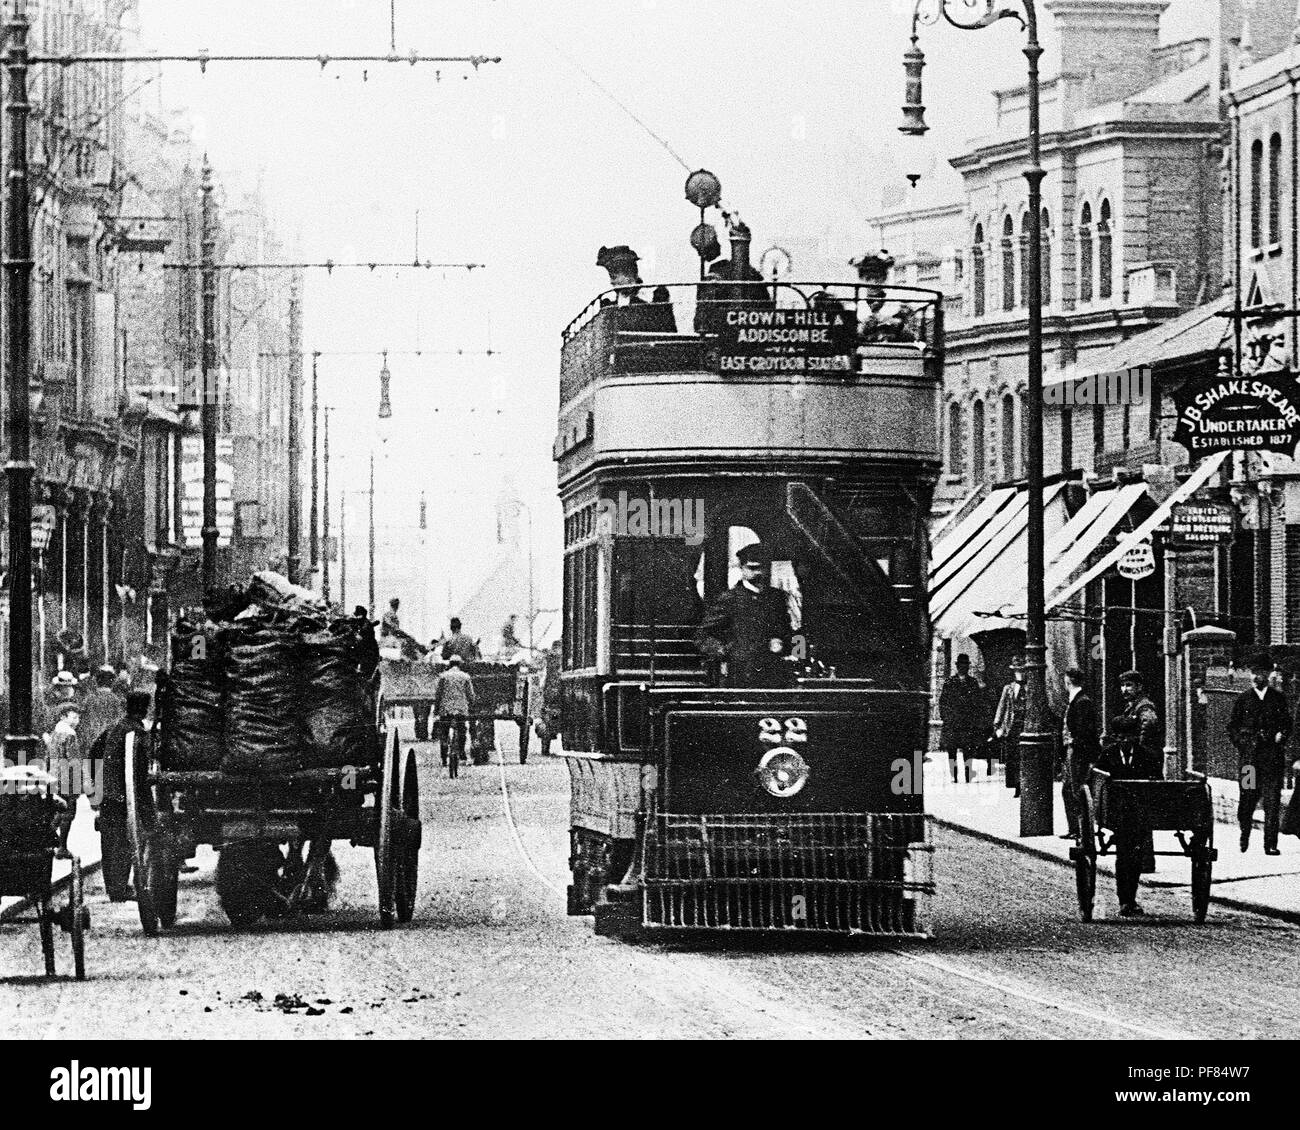 George Street, Croydon, agli inizi del novecento Immagini Stock